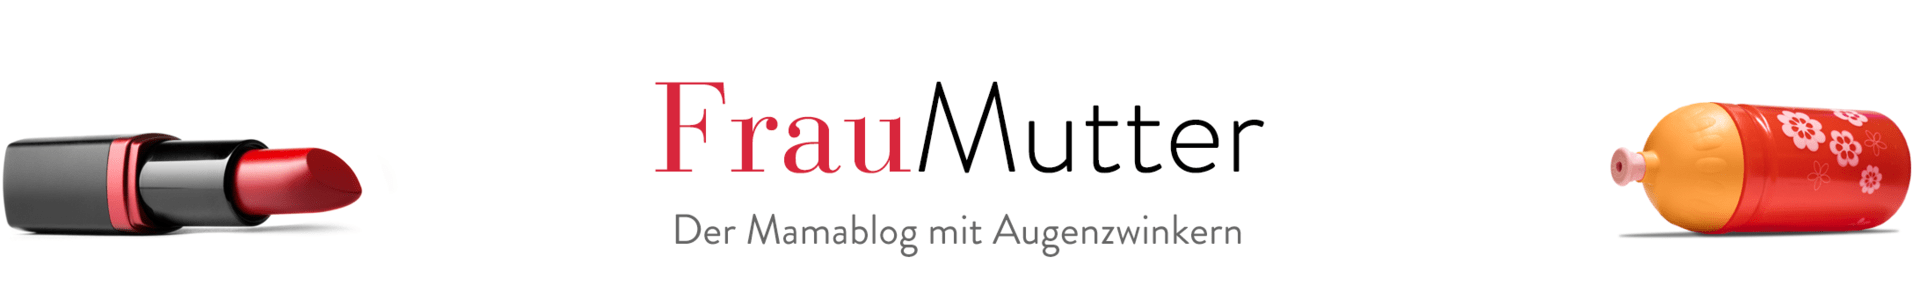 Der Mamablog mit Augenzwinkern – Frau-Mutter.com